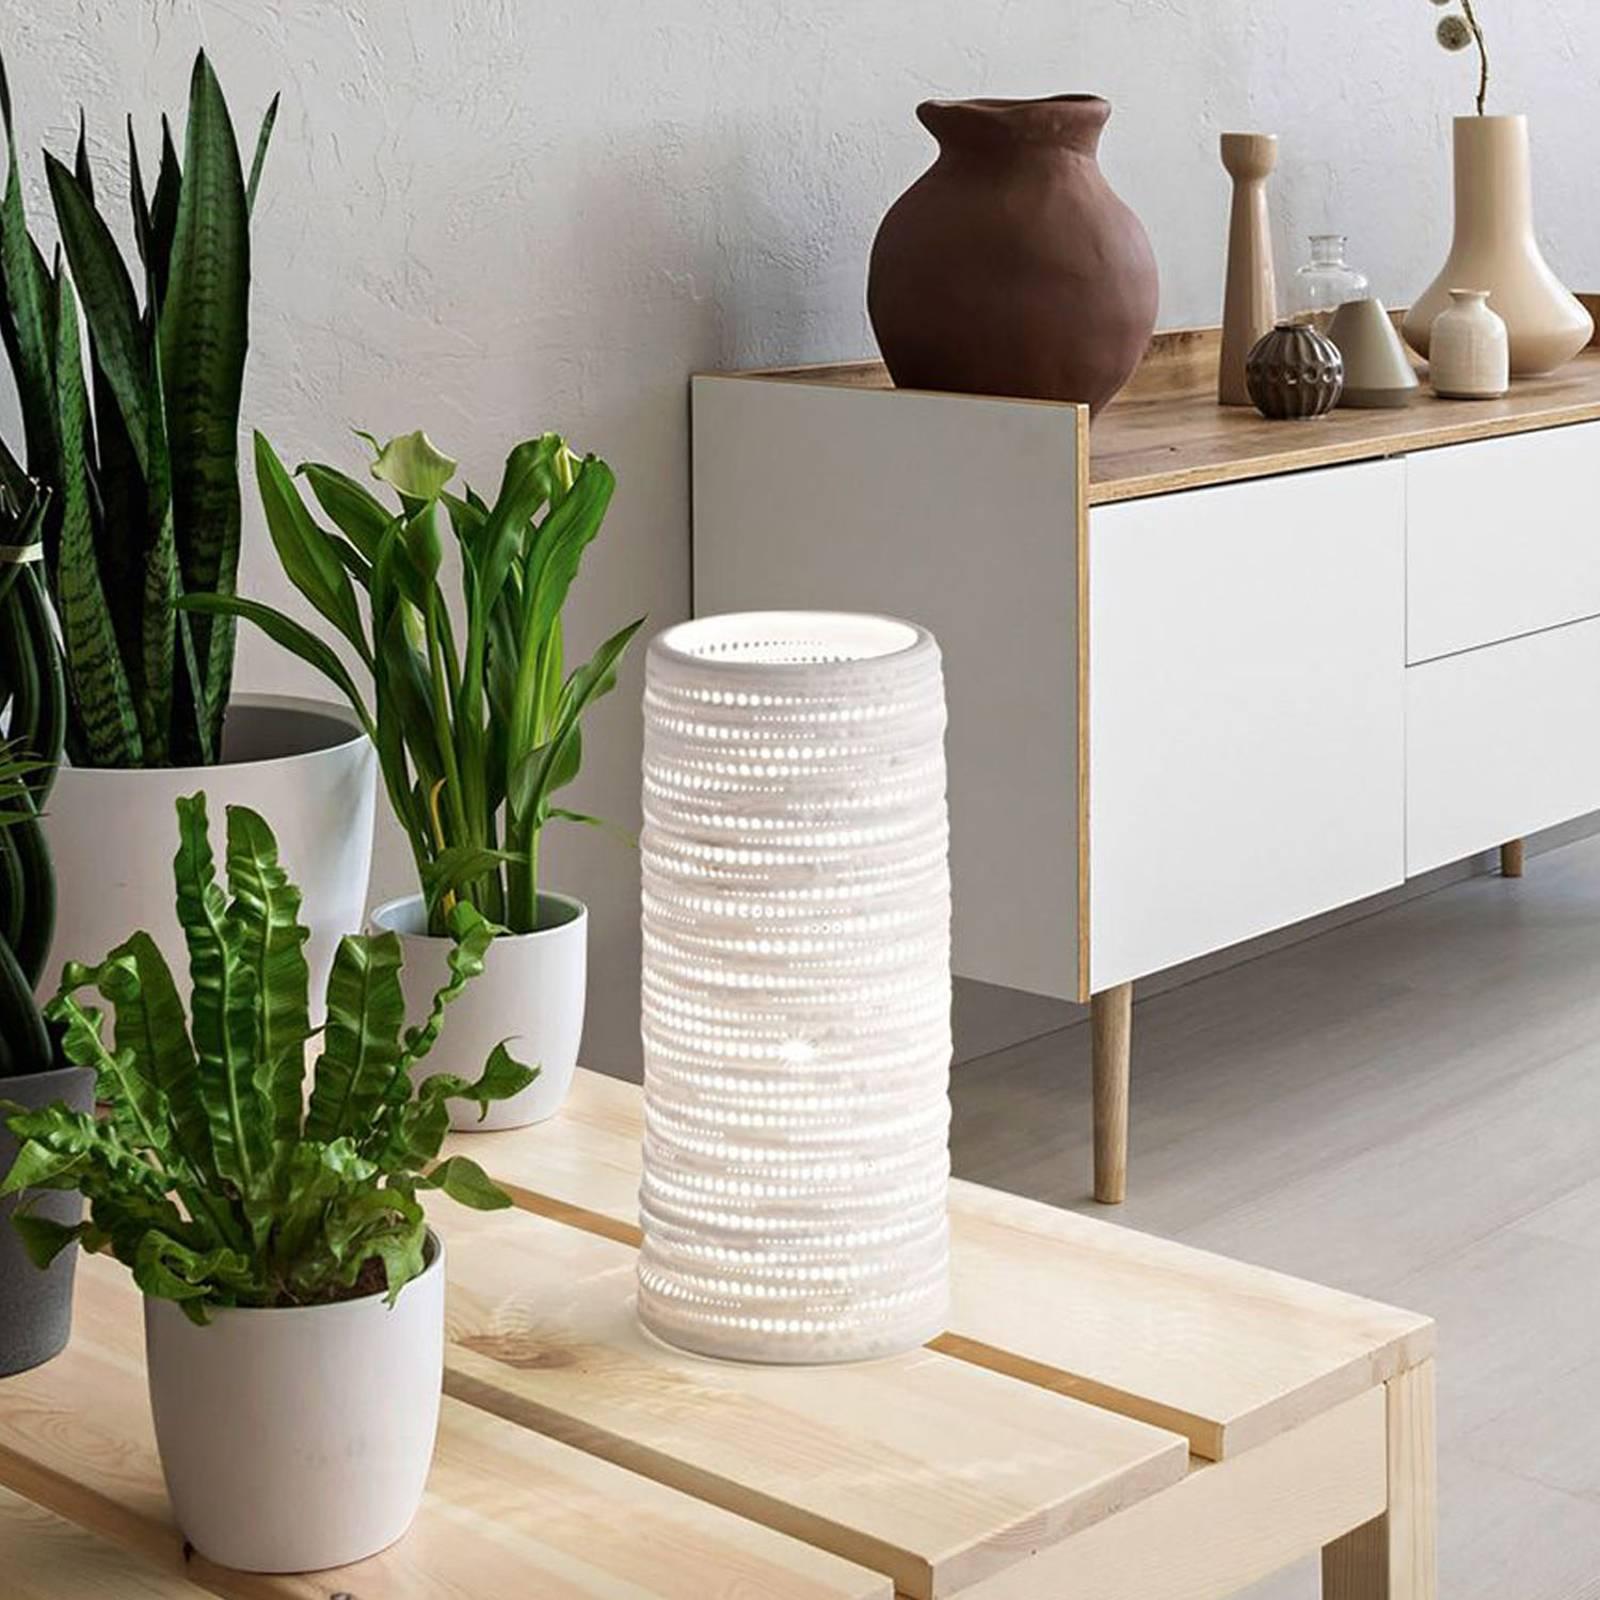 Tischleuchte Marbella aus Keramik, Höhe 25 cm